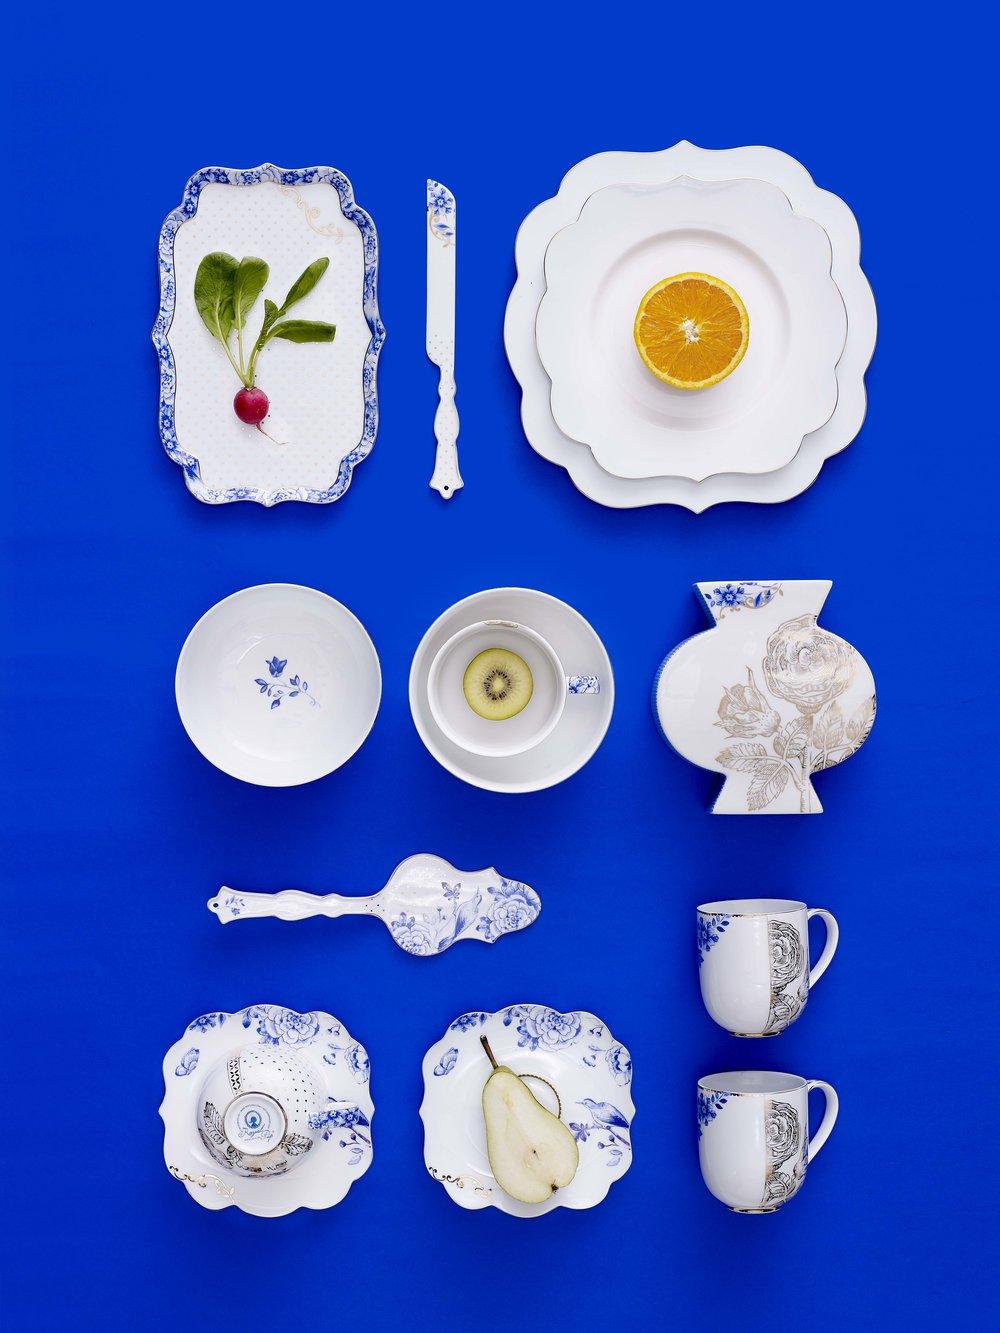 Royal White - Dopo il successo della gamma Royal è stata presentata anche la versione White, in cui si abbandonano i colori per concentrarsi su eleganti decori blu e dettagli oro.Sono disponibili anche i piatti tavola con solo un semplice bordo oro che valorizzano l'eleganza senza tempo della forma Royal.